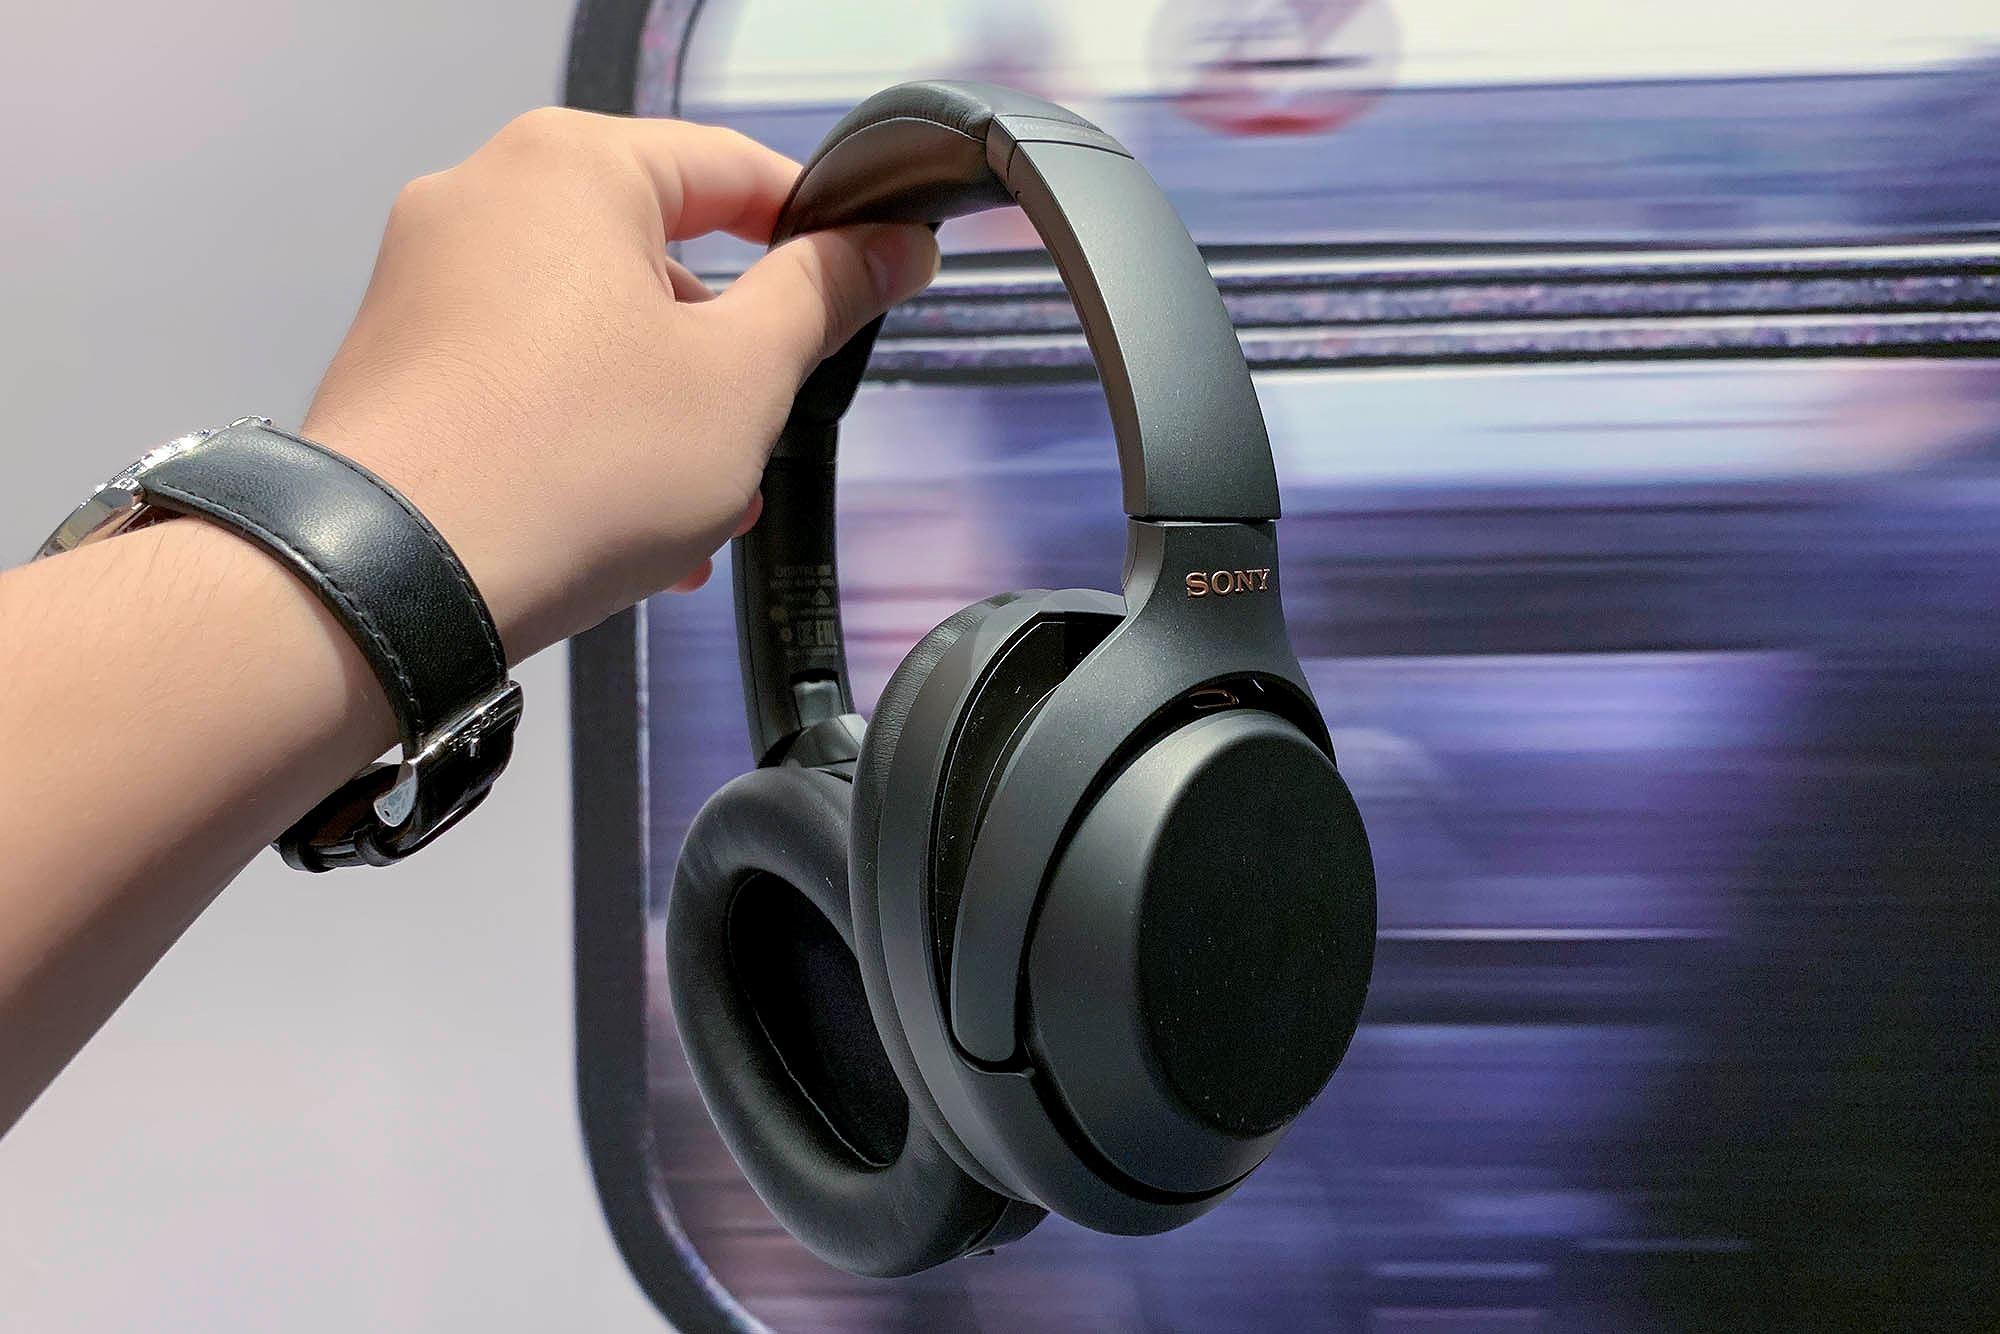 Sony ra mắt tai nghe chống ồn WH-1000XM3 tại Việt Nam, giá 8.490.000 VND Ảnh 1